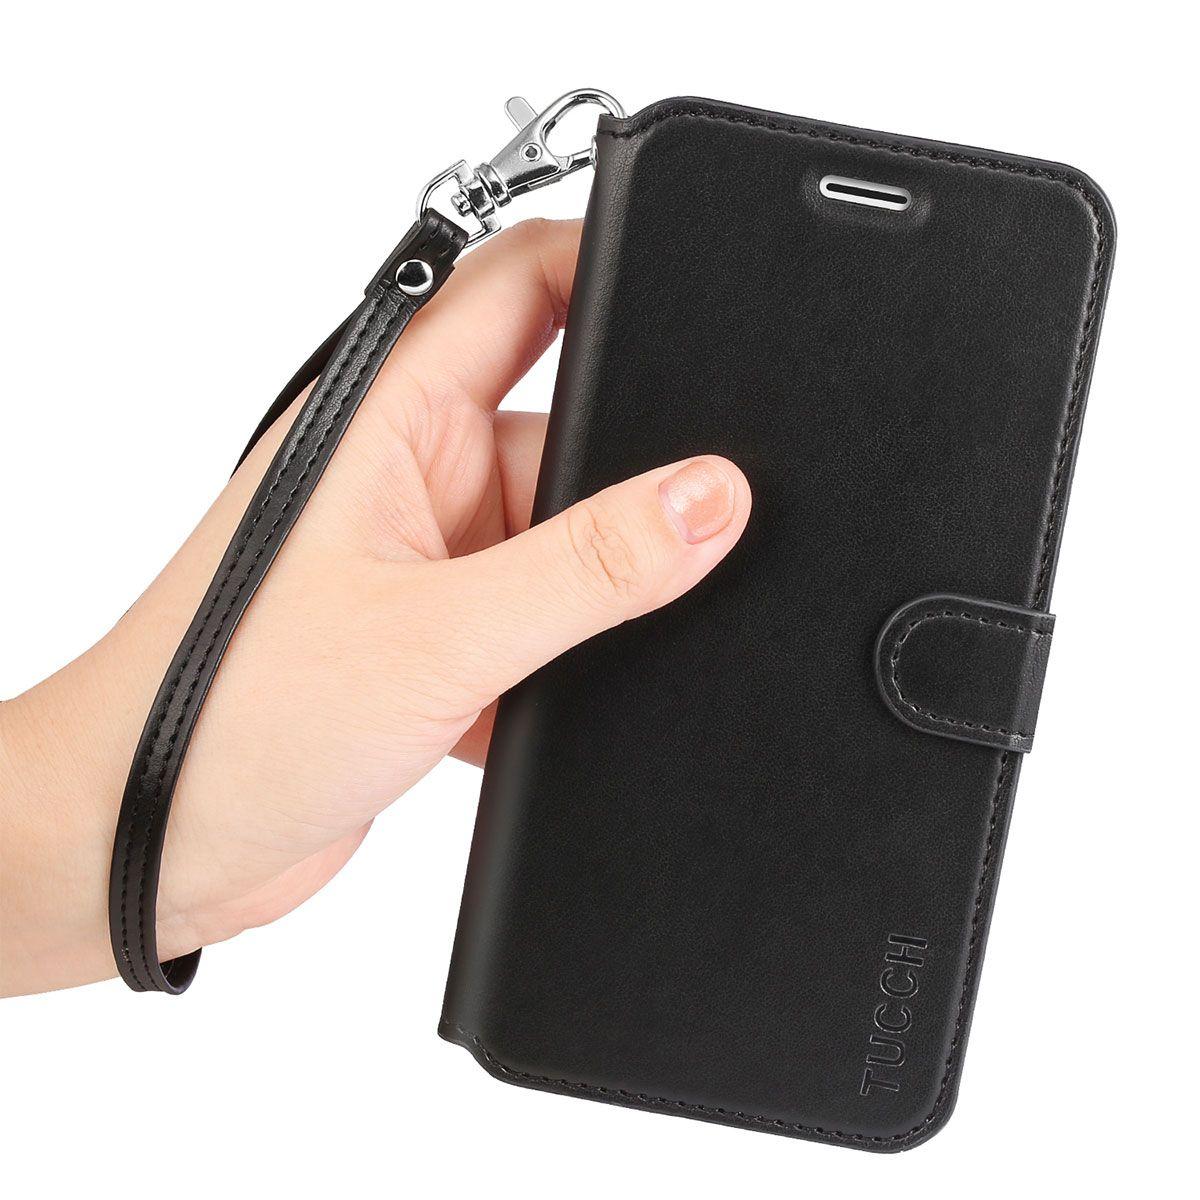 TUCCH iPhone 6S/6 Plus Case, Wrist Strap, Wallet Case